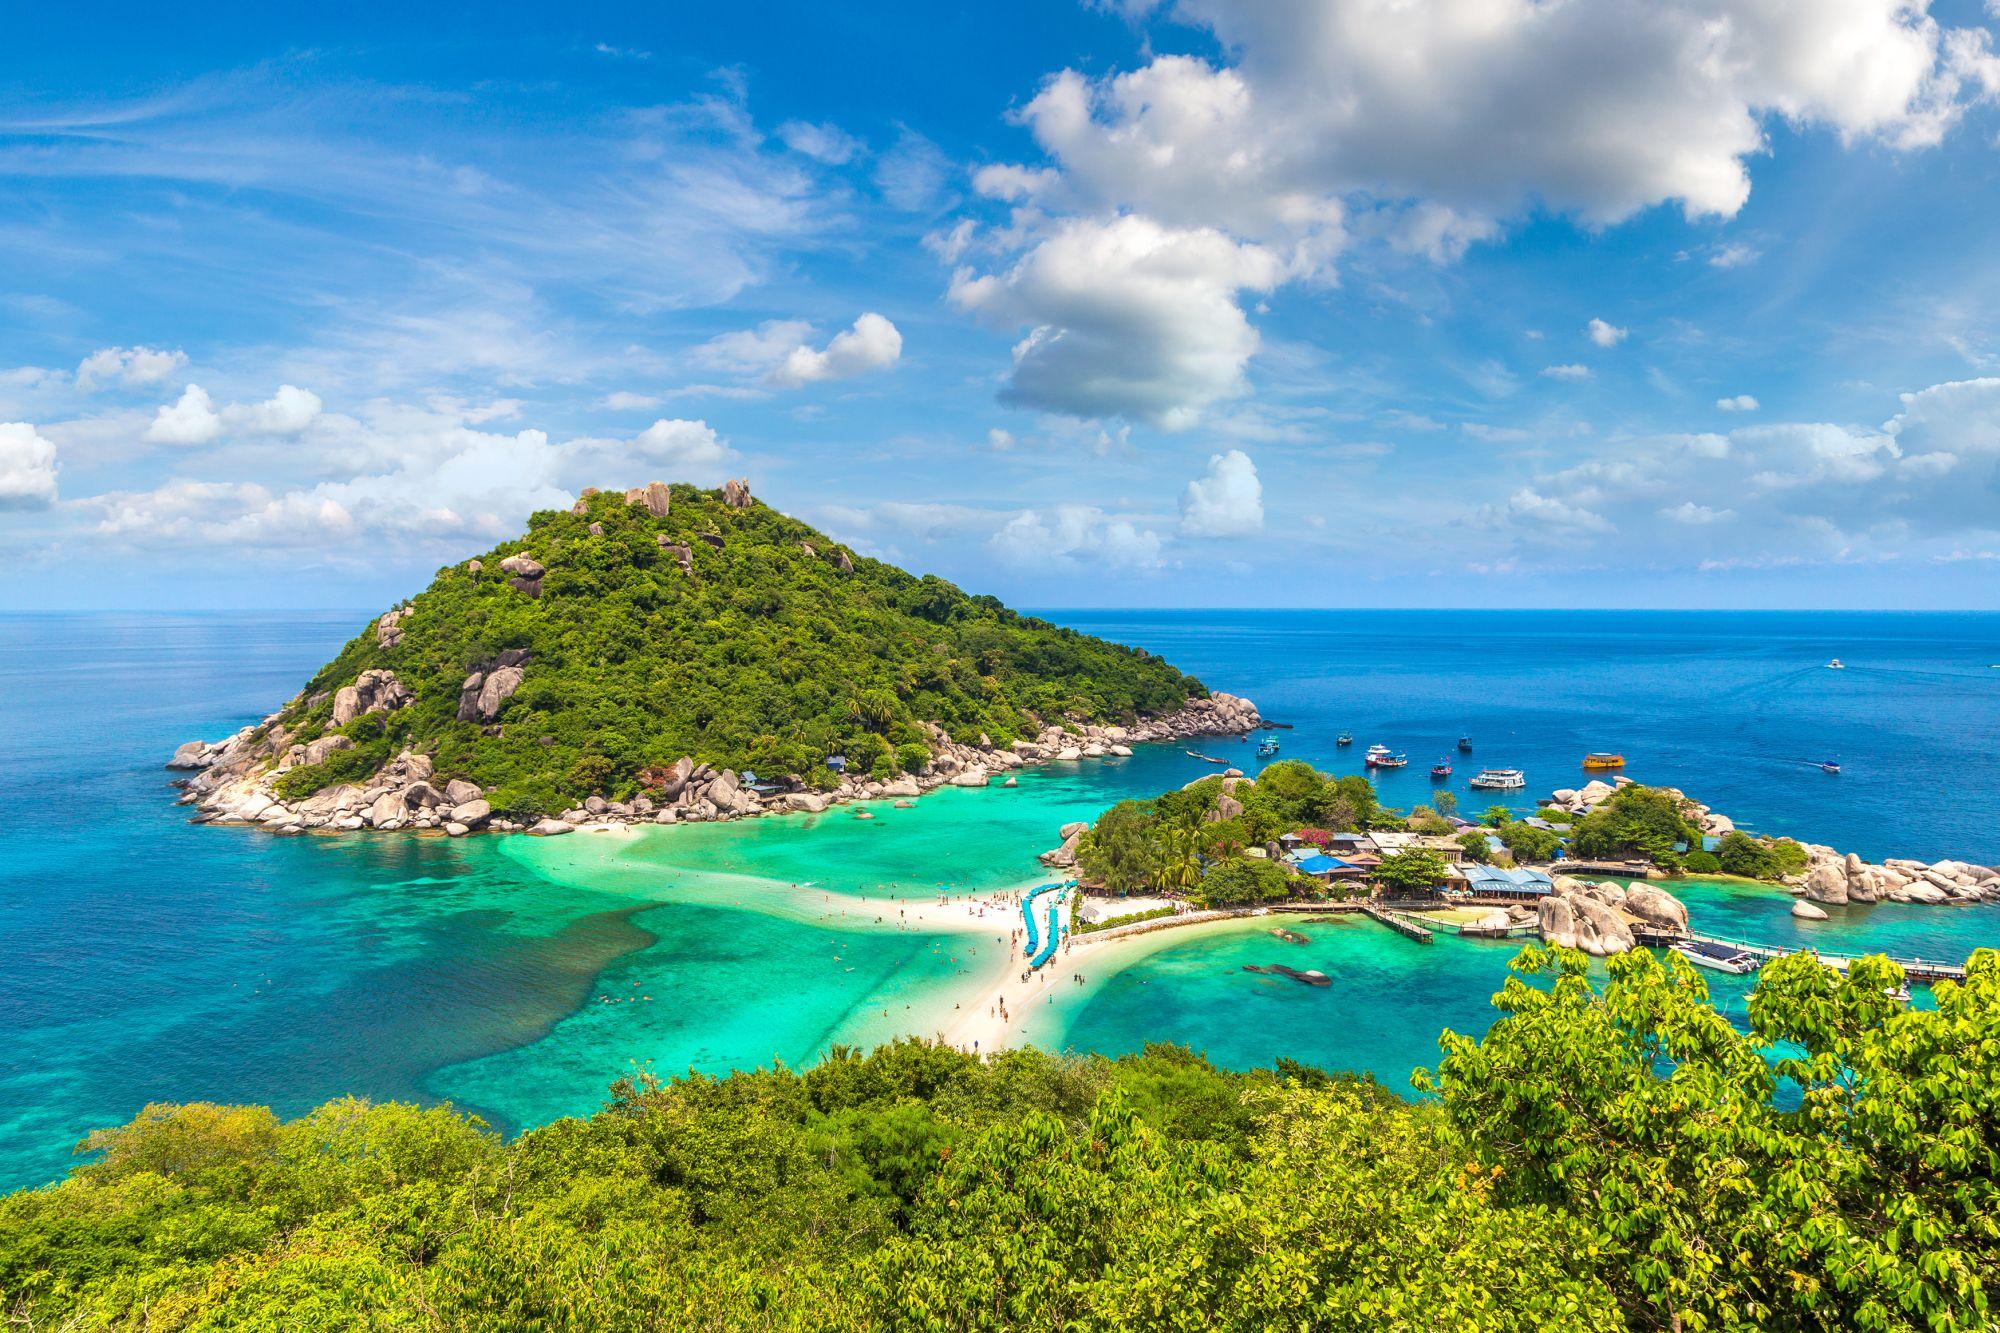 Aanbevolen reis 19-Daagse rondreis Paradijselijk Thailand